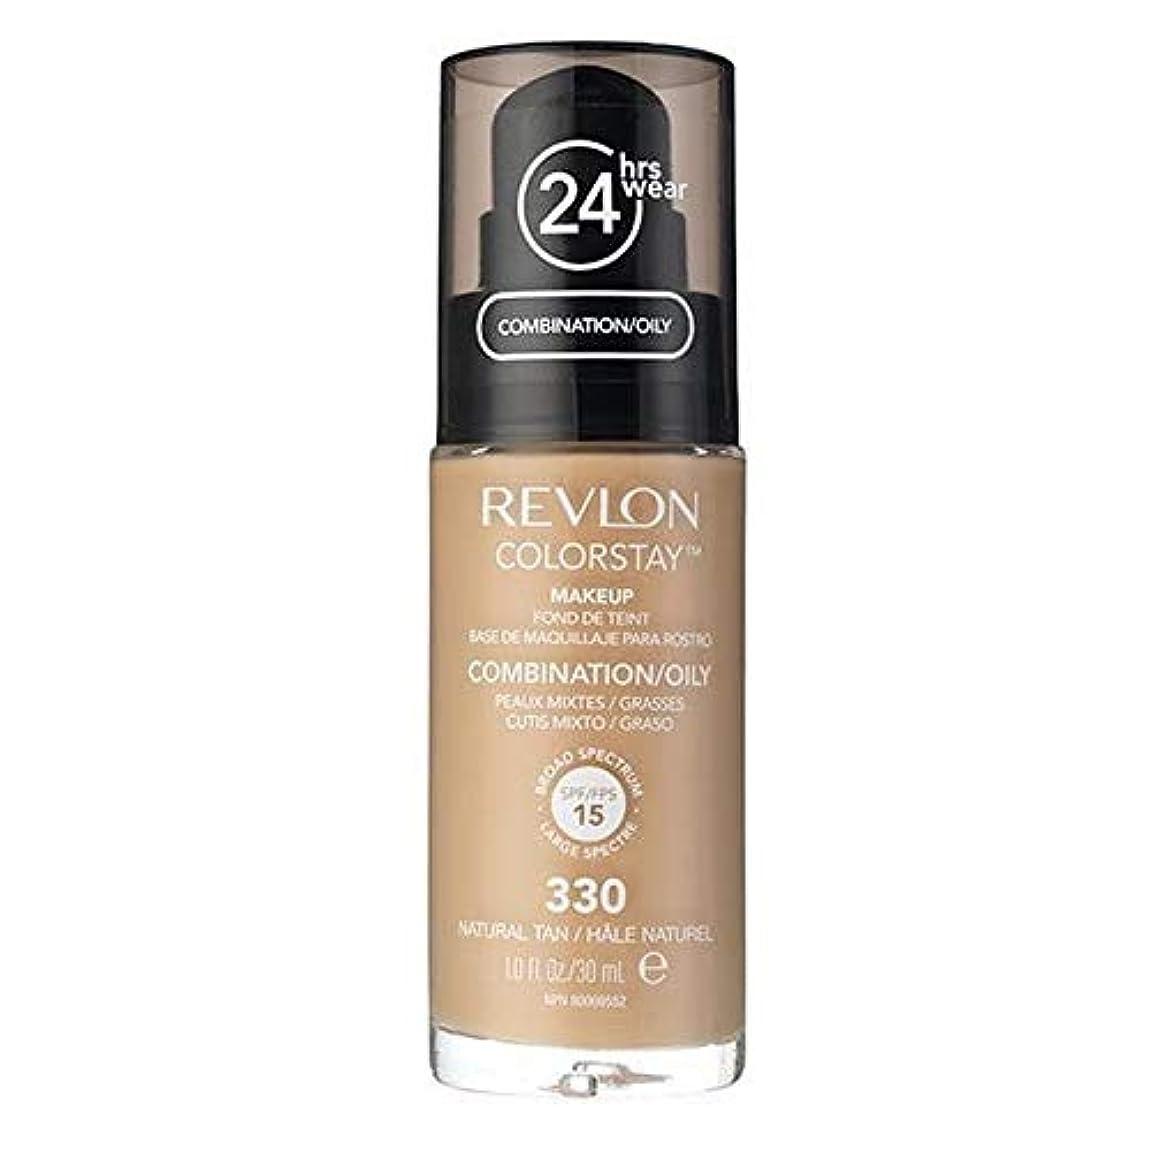 時刻表周囲衝撃[Revlon ] レブロンカラーステイ基盤コンビ/油性Nat日焼け30ミリリットル - Revlon Color Stay Foundation Combi/Oily Nat Tan 30ml [並行輸入品]